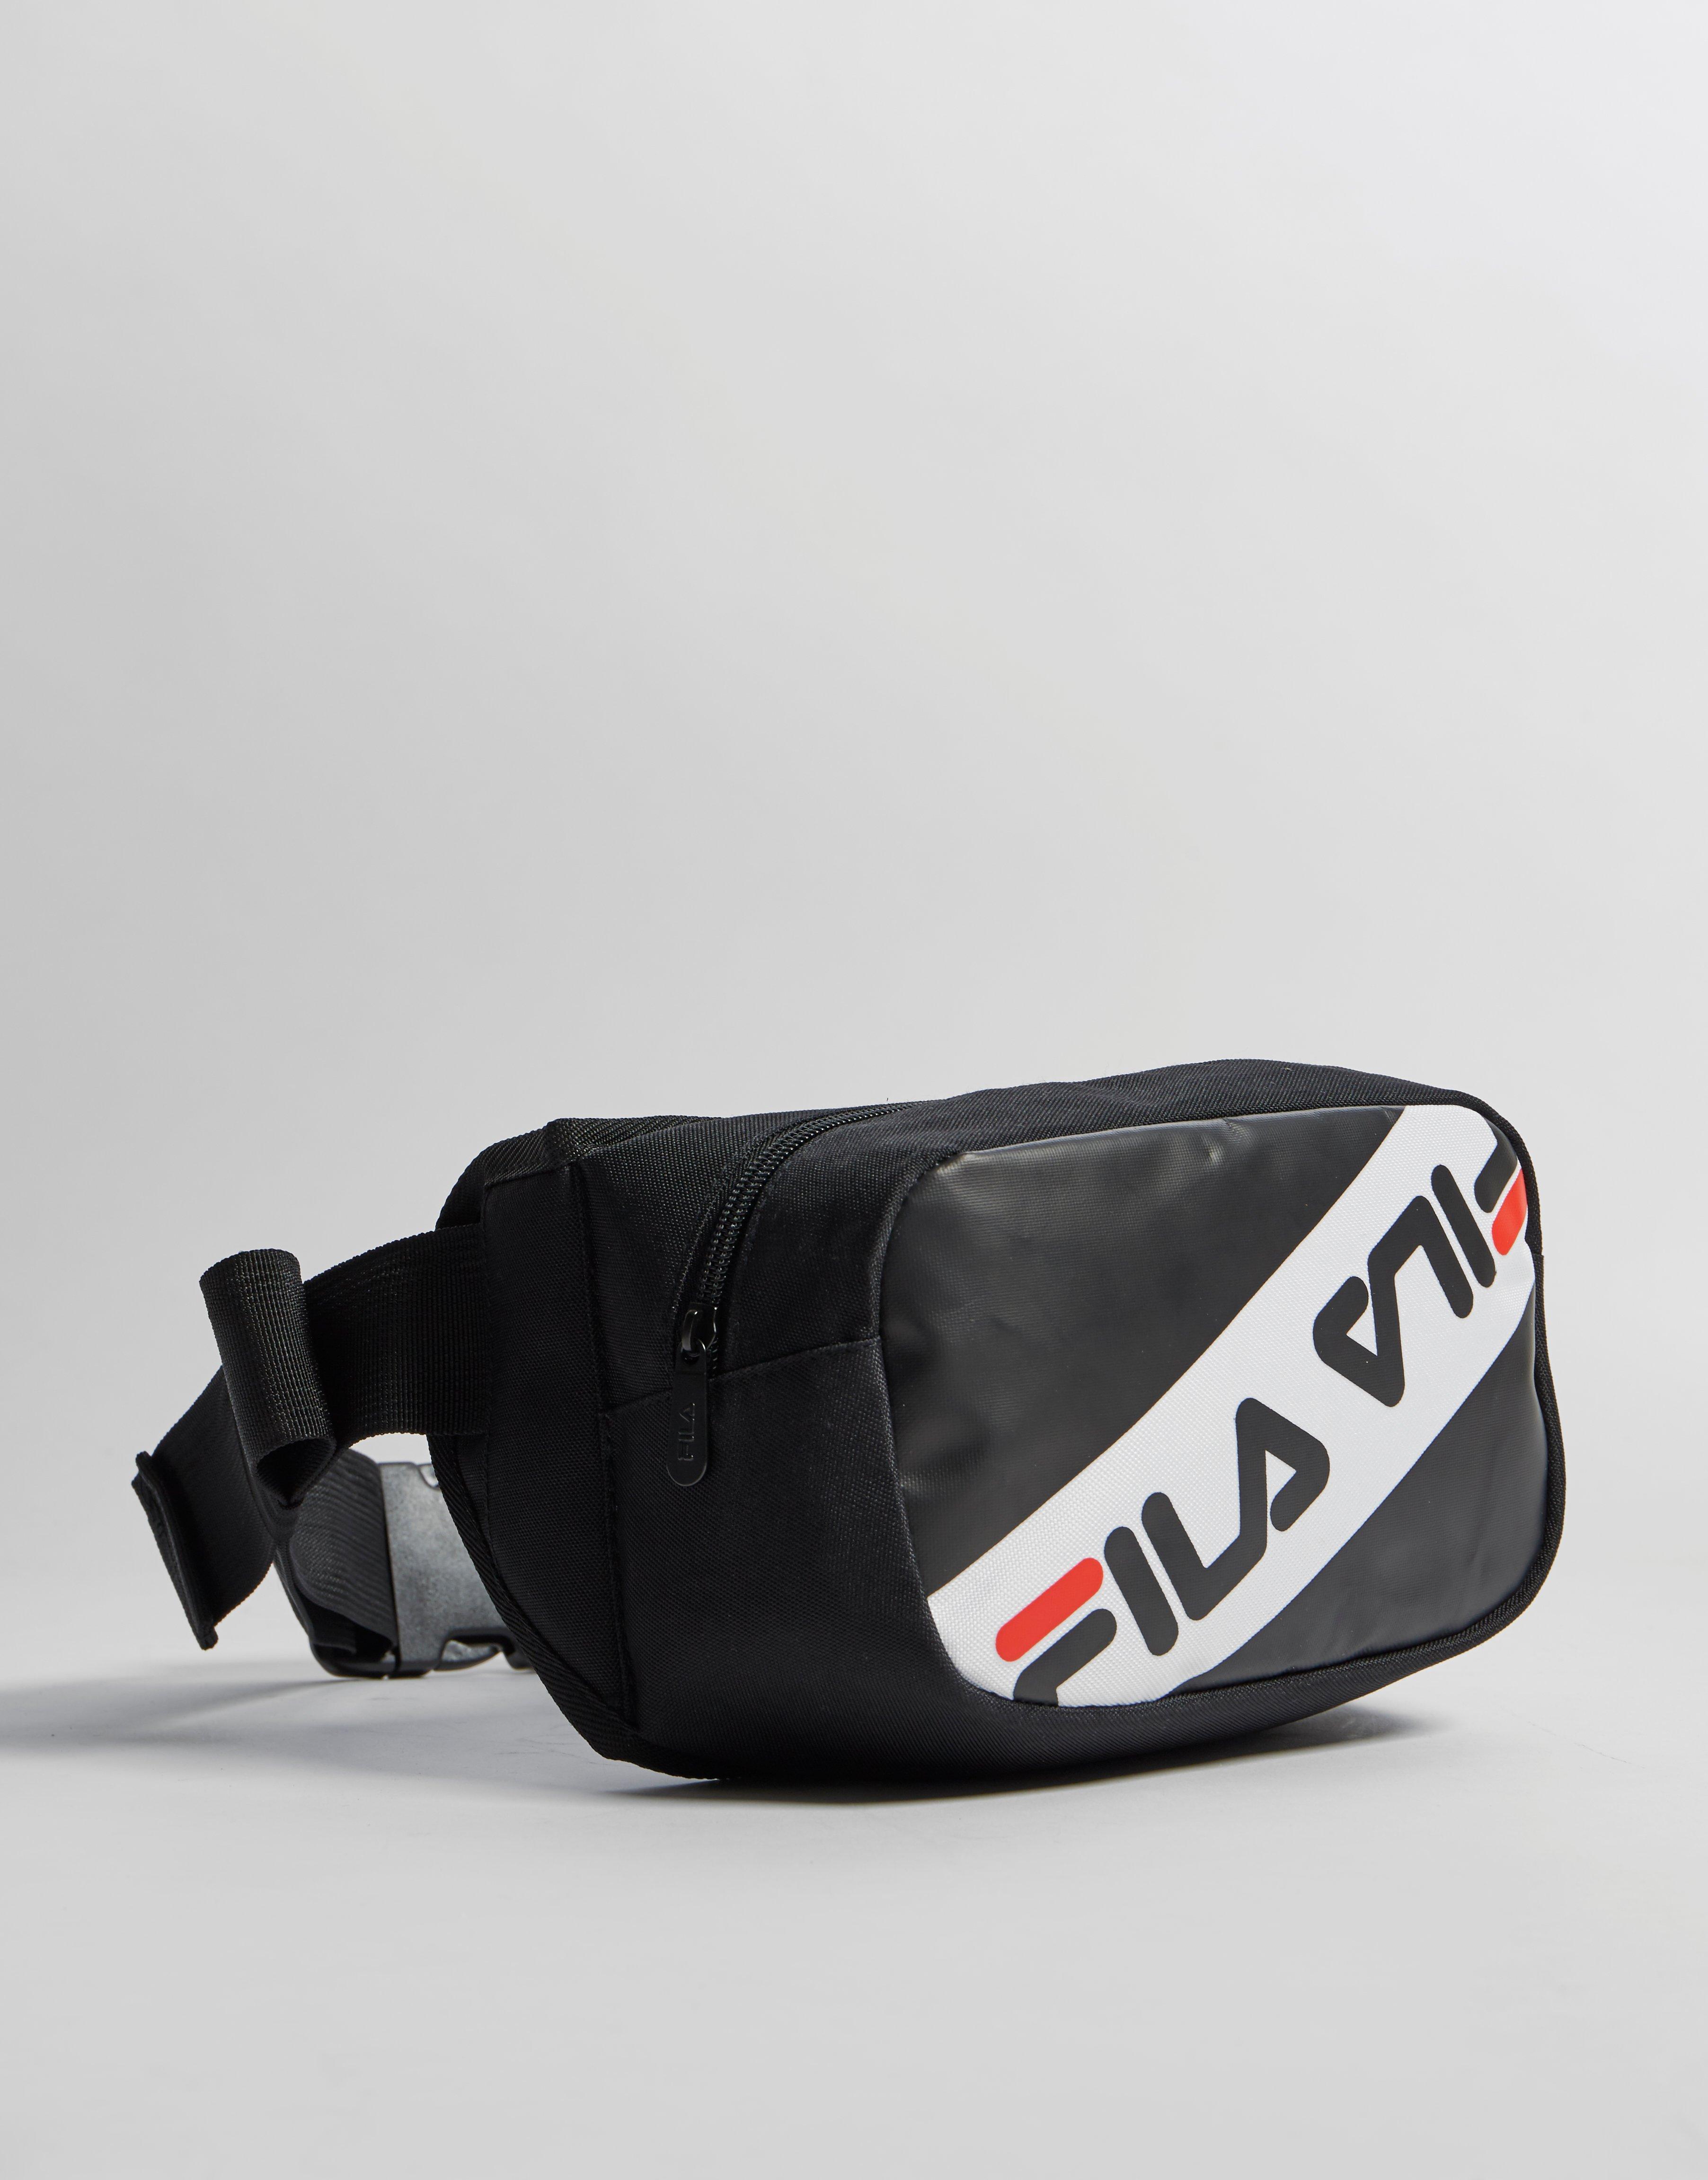 43660c6d4dea Lyst - Fila Ola Waist Bag in Black for Men